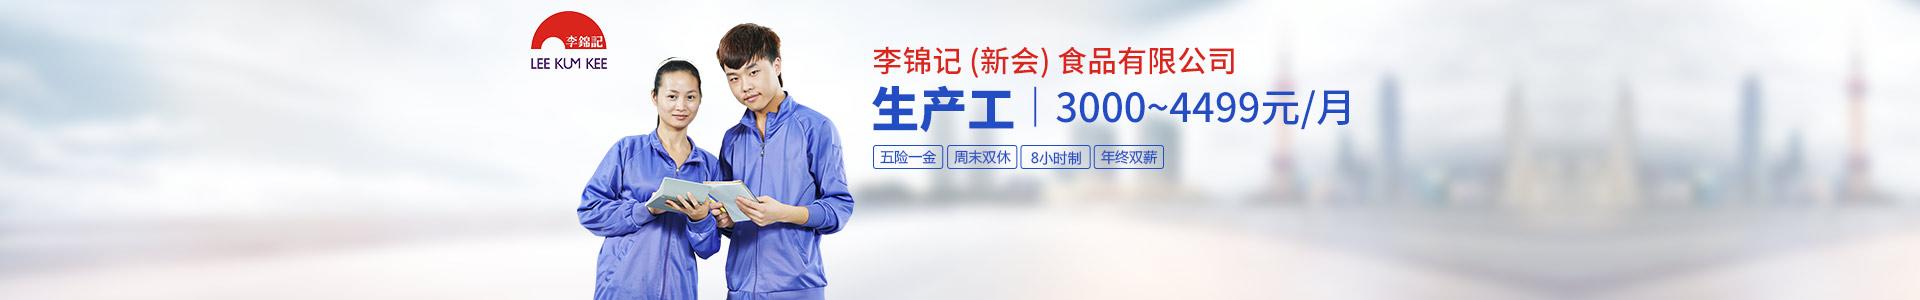 李锦记生产工招聘